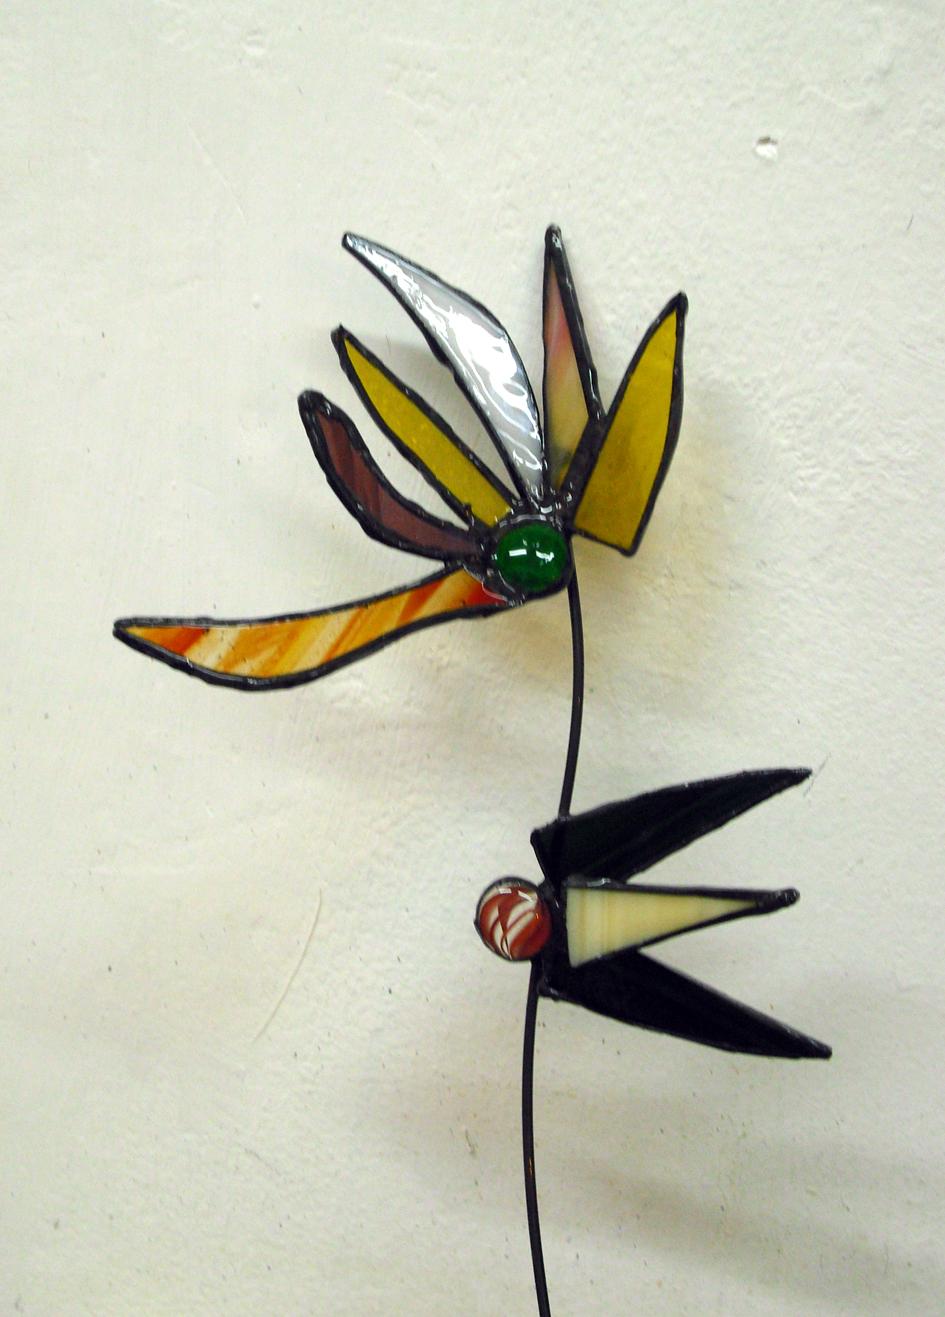 פרח זכוכית בסדנה חד פעמית